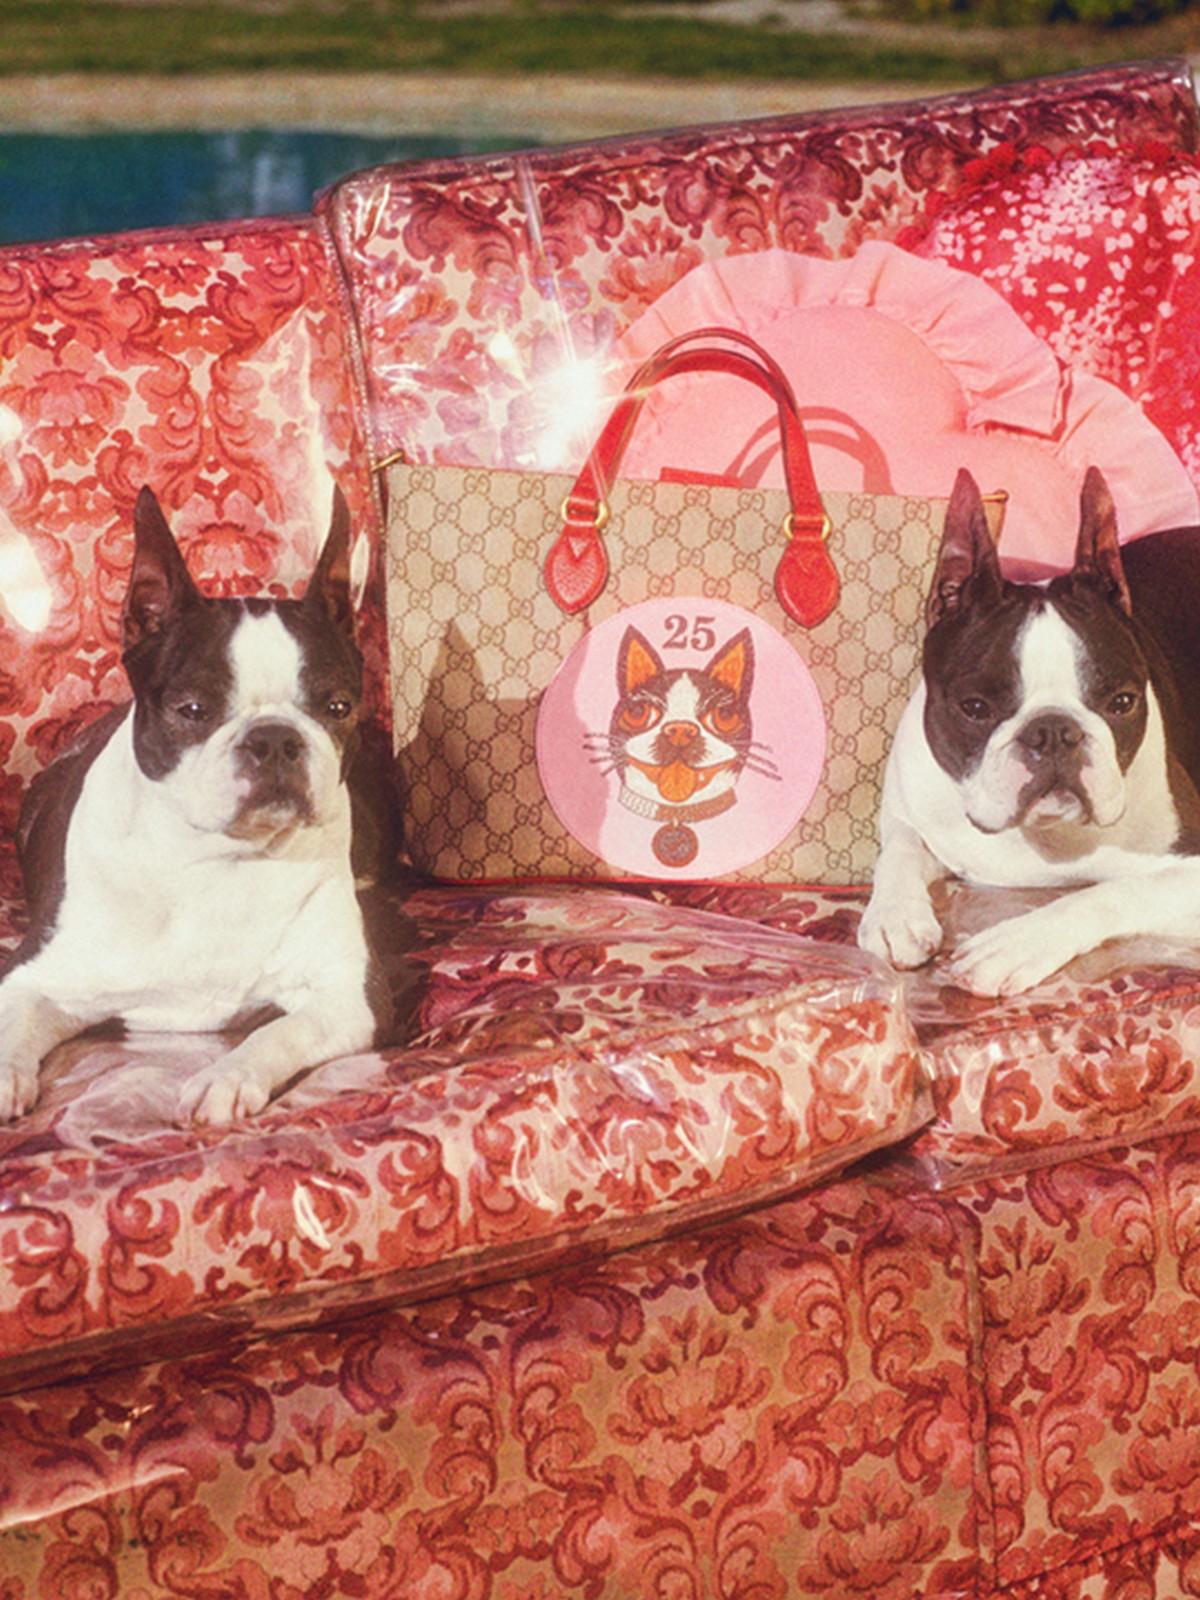 Gucci presenta una collezione speciale dedicata all'Anno del Cane per il Capodanno Cinese 2018